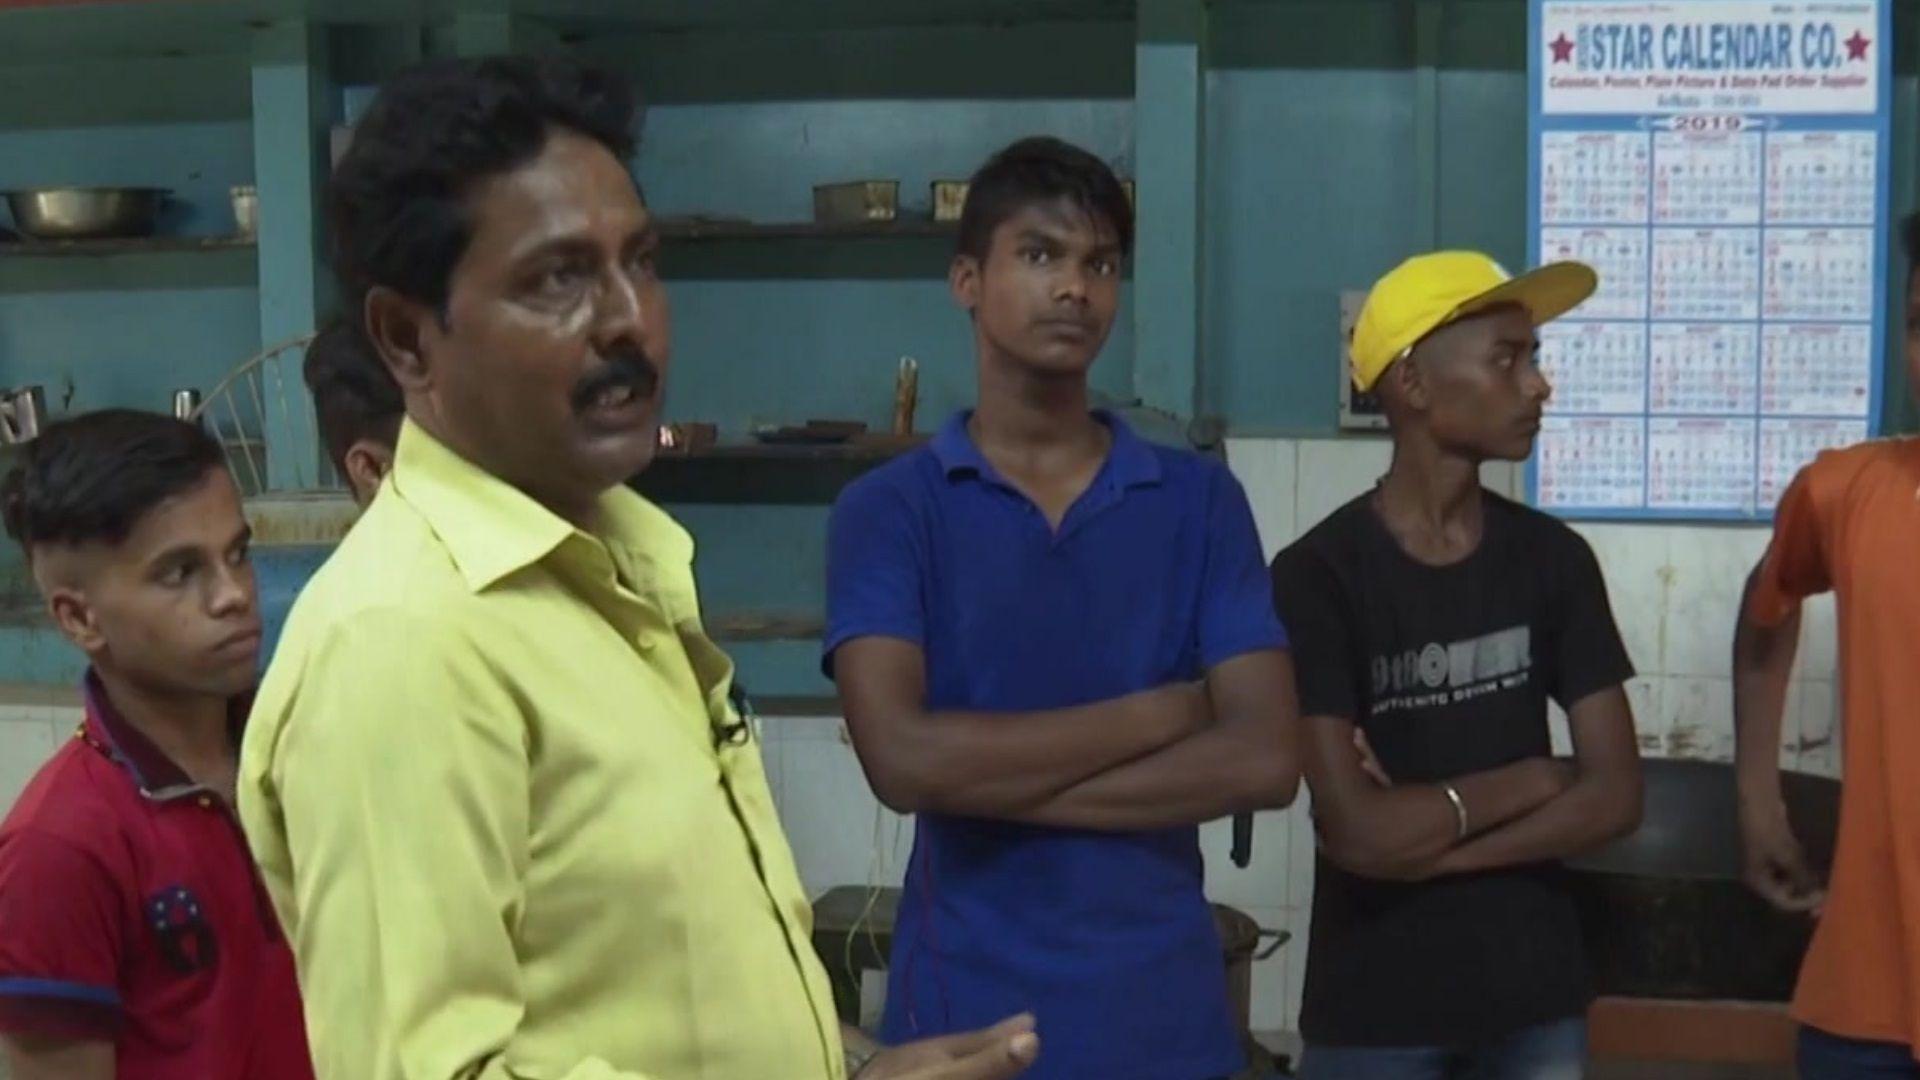 Chennai randki numer telefonu dziewczyny